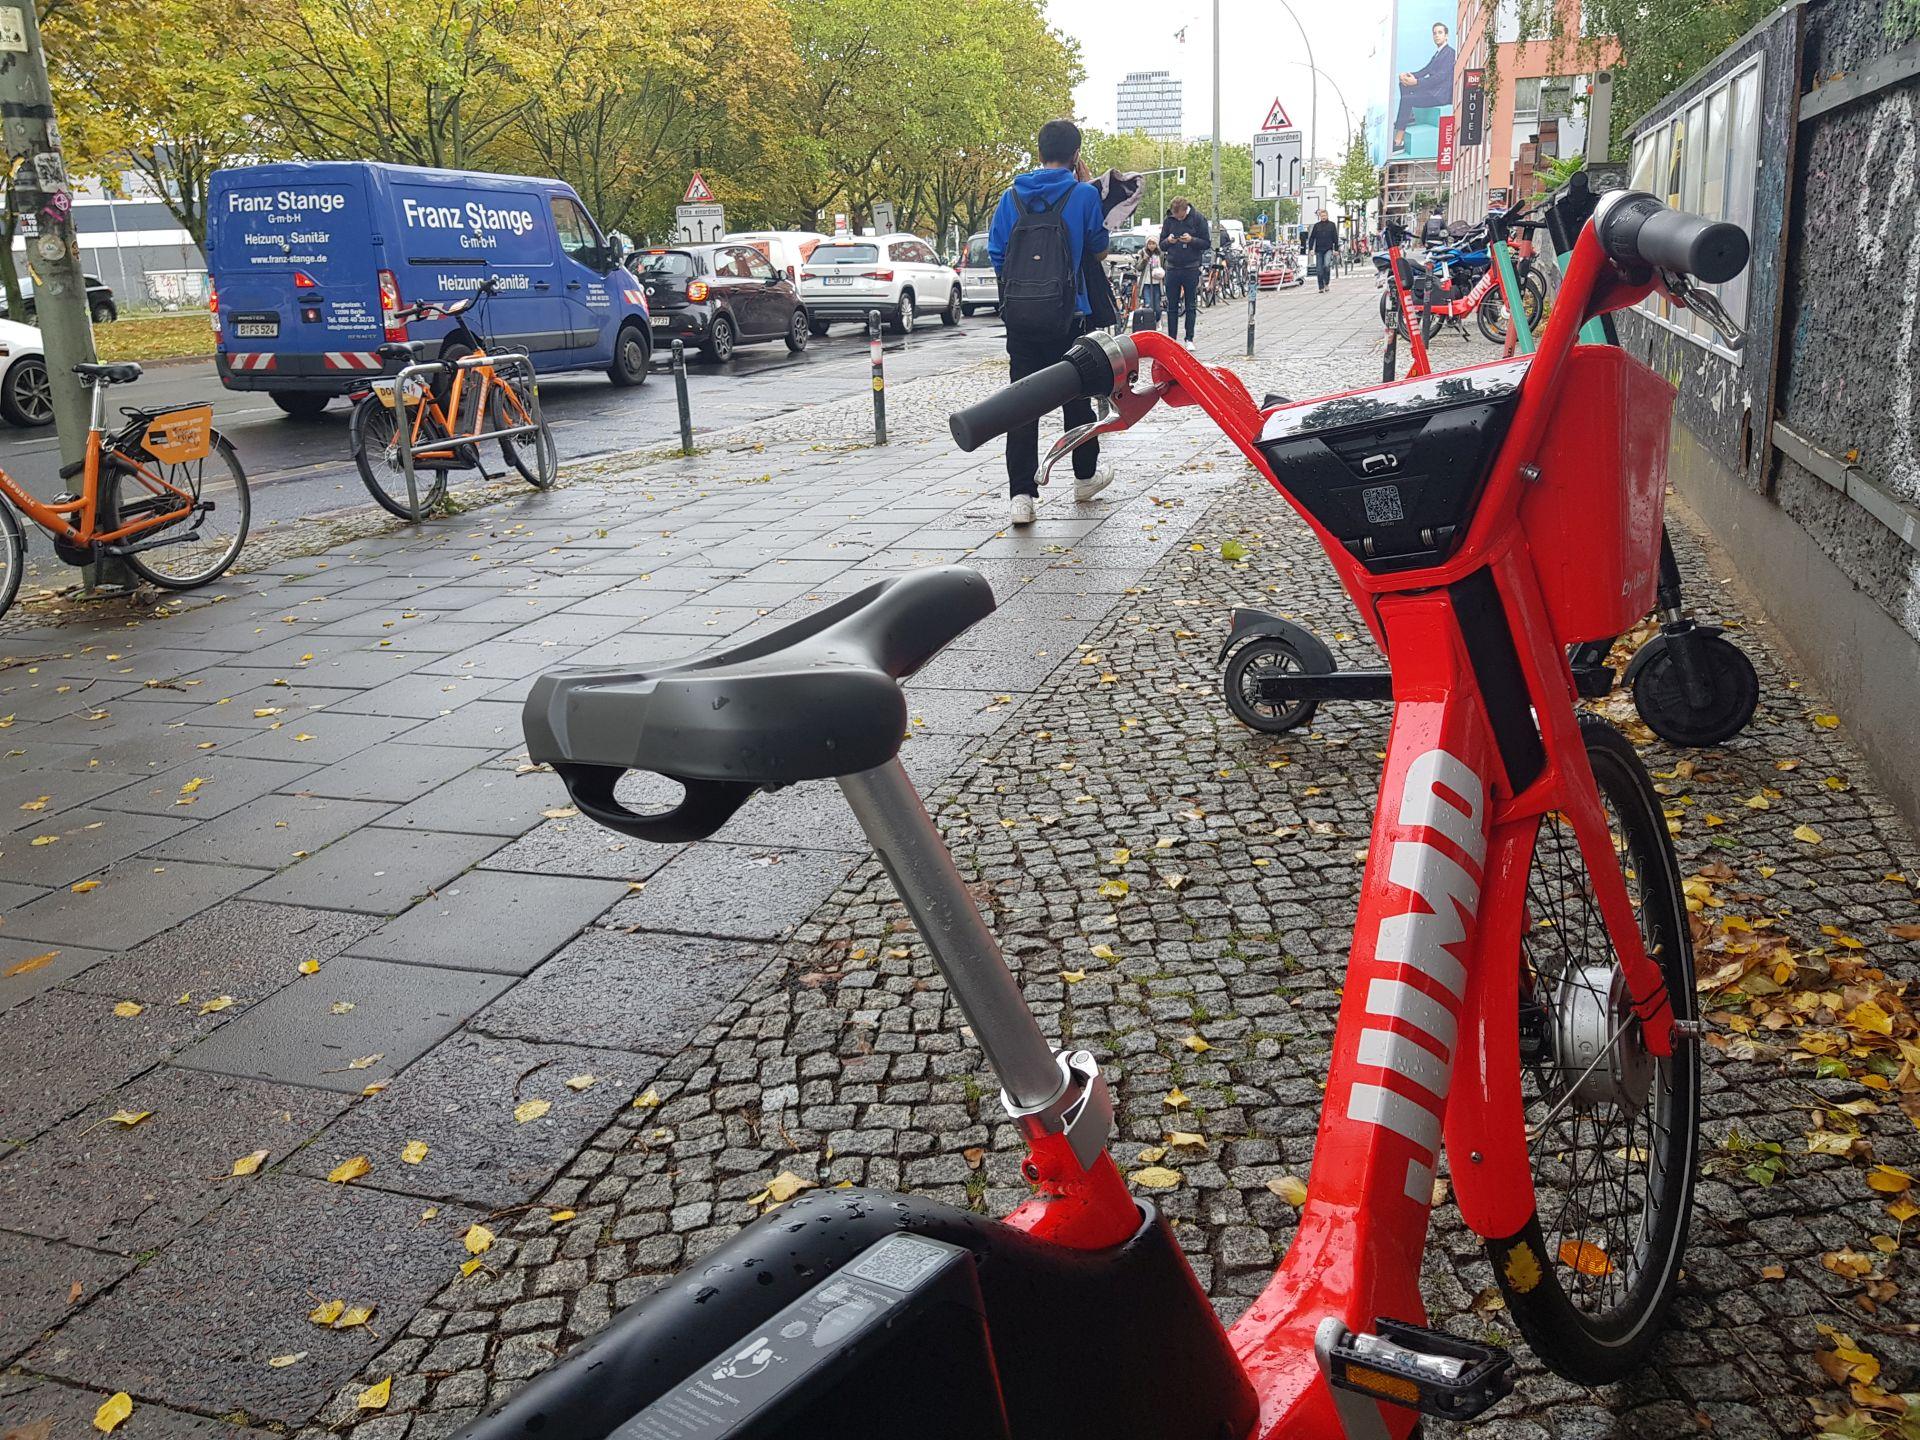 Jízdní kola v Berlíně. Foto: Jan Sůra / Zdopravy.cz